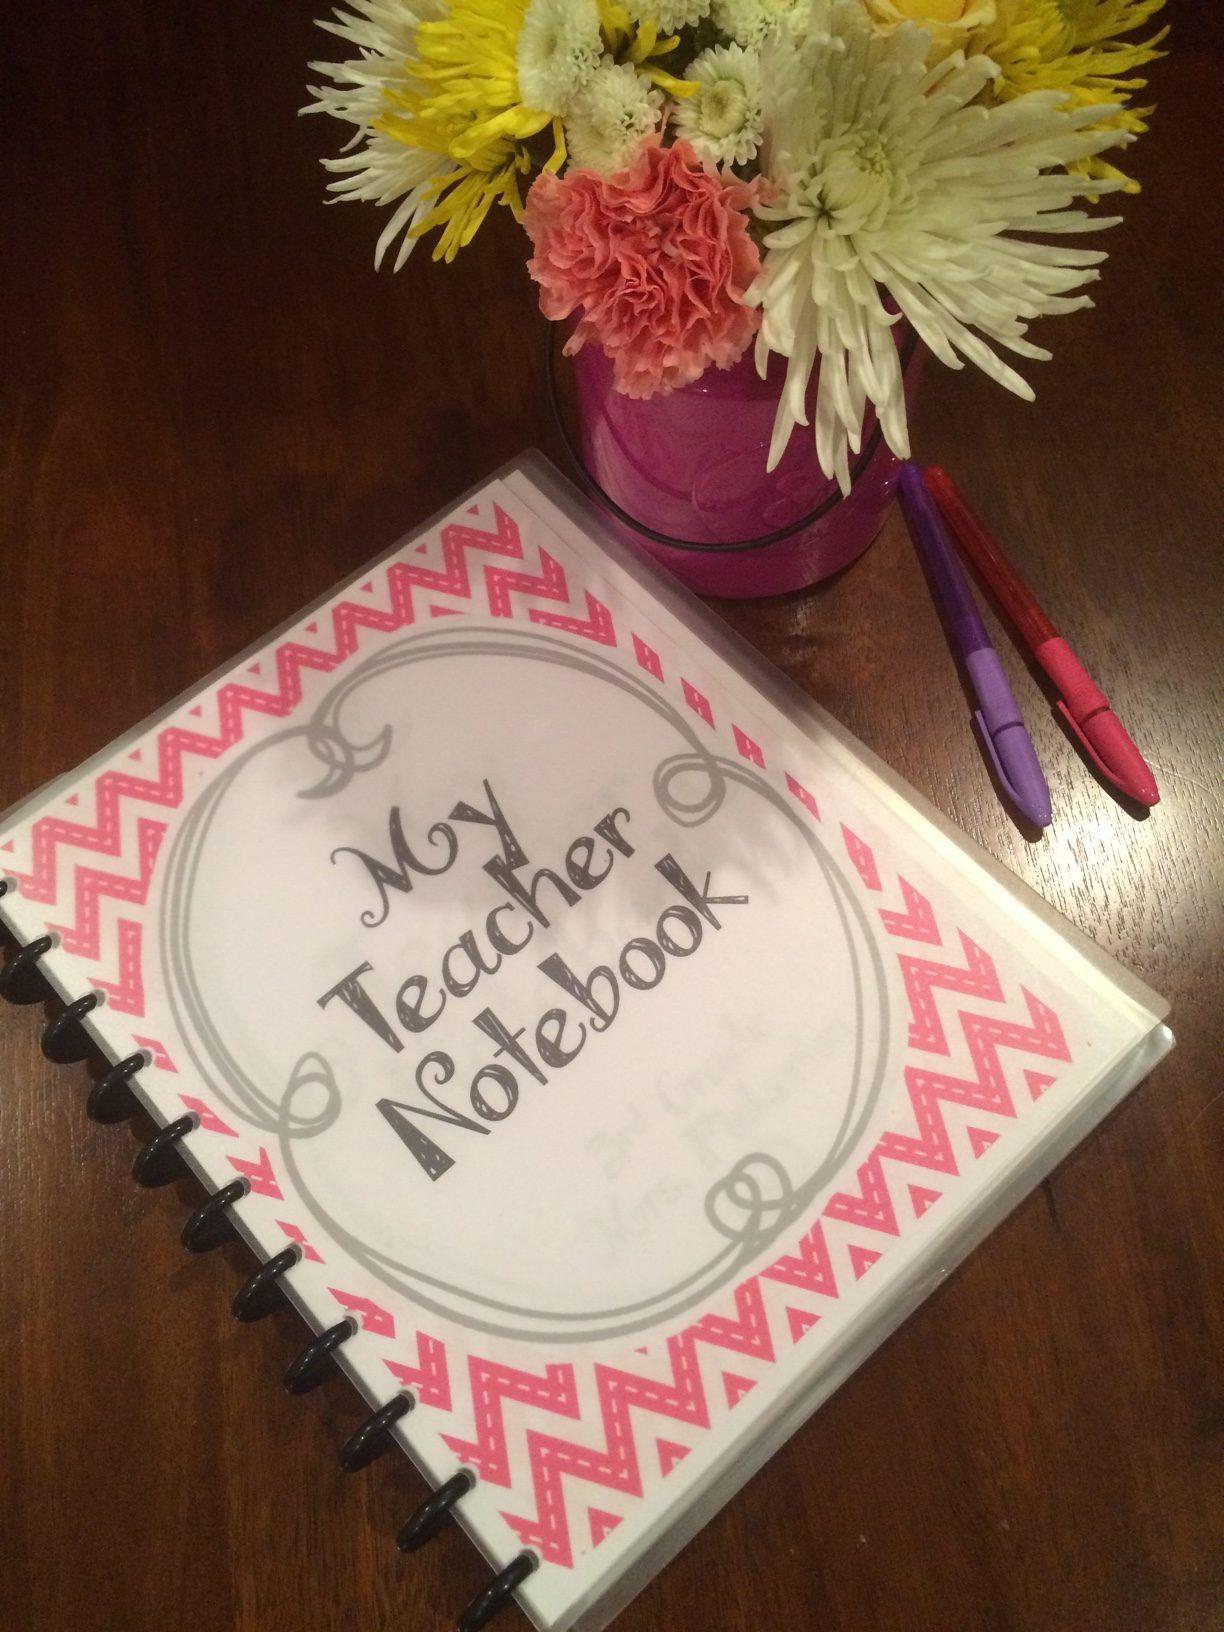 How I Became A Teachers Pay Teachers Seller